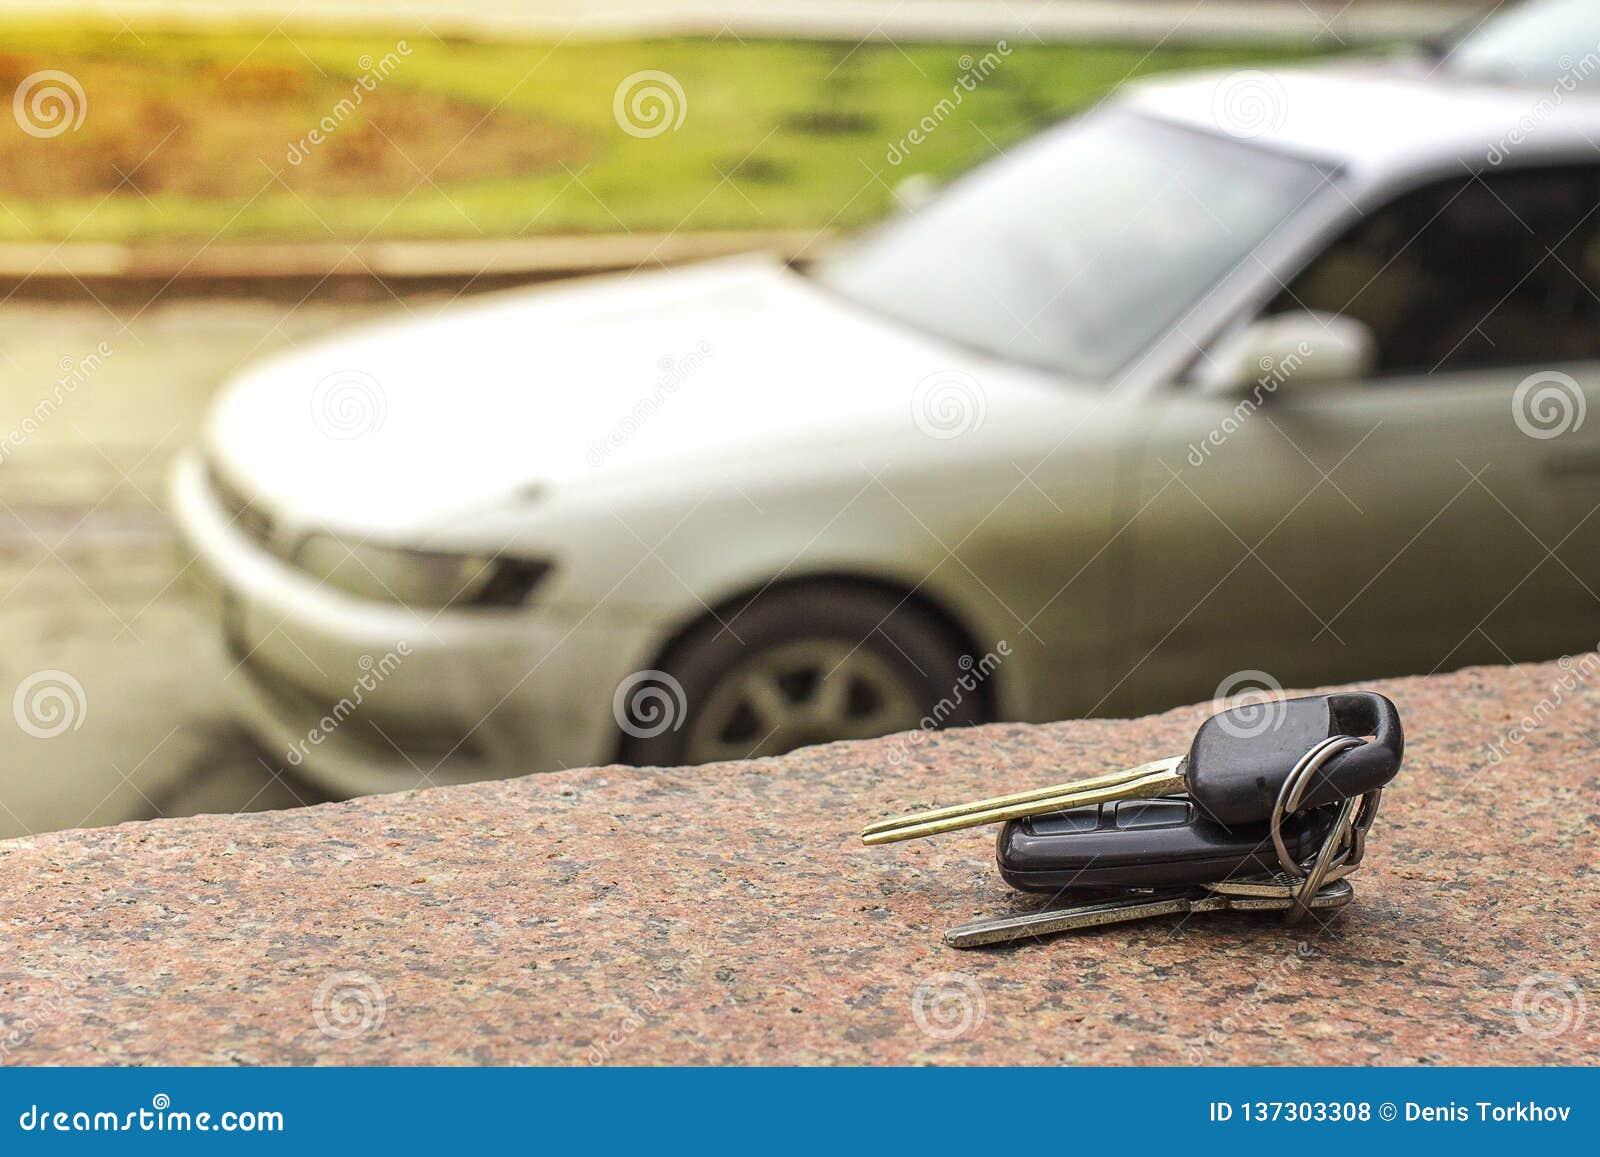 Lost Car Keys On The Fallen Needles Of Blue Spruce  Back